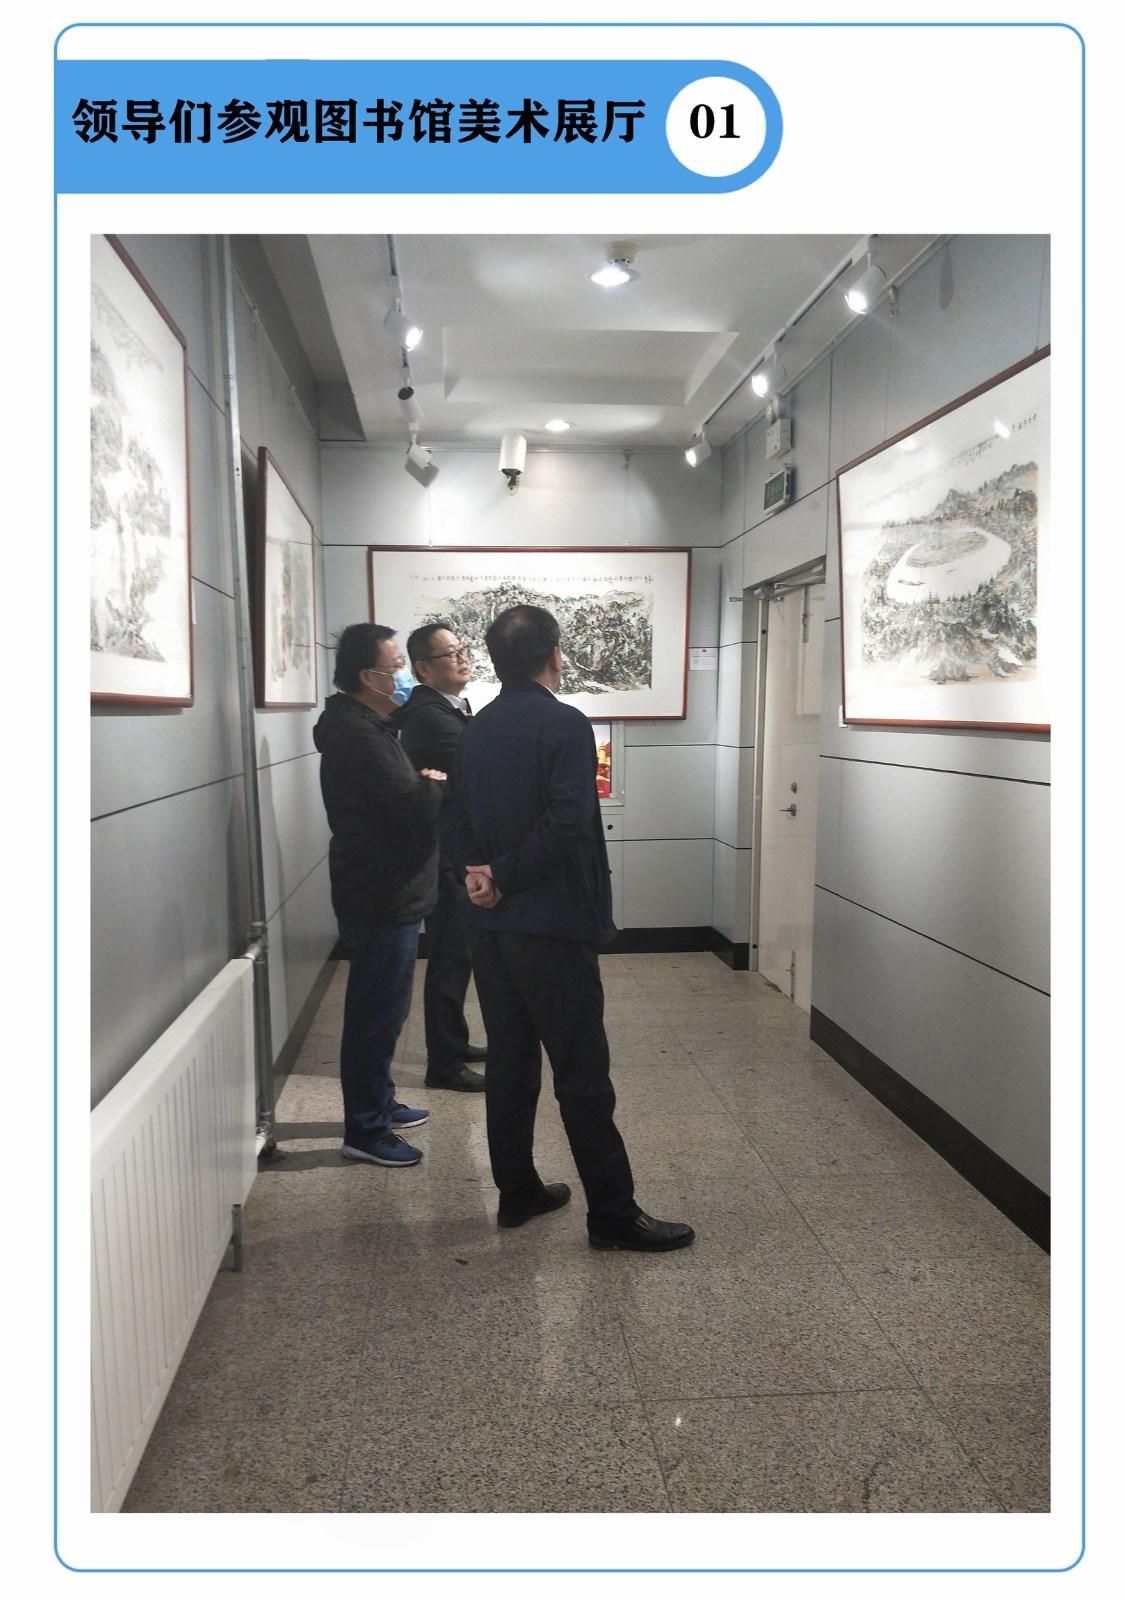 欢迎参观内蒙古乌海市乌达区图书馆_图1-2